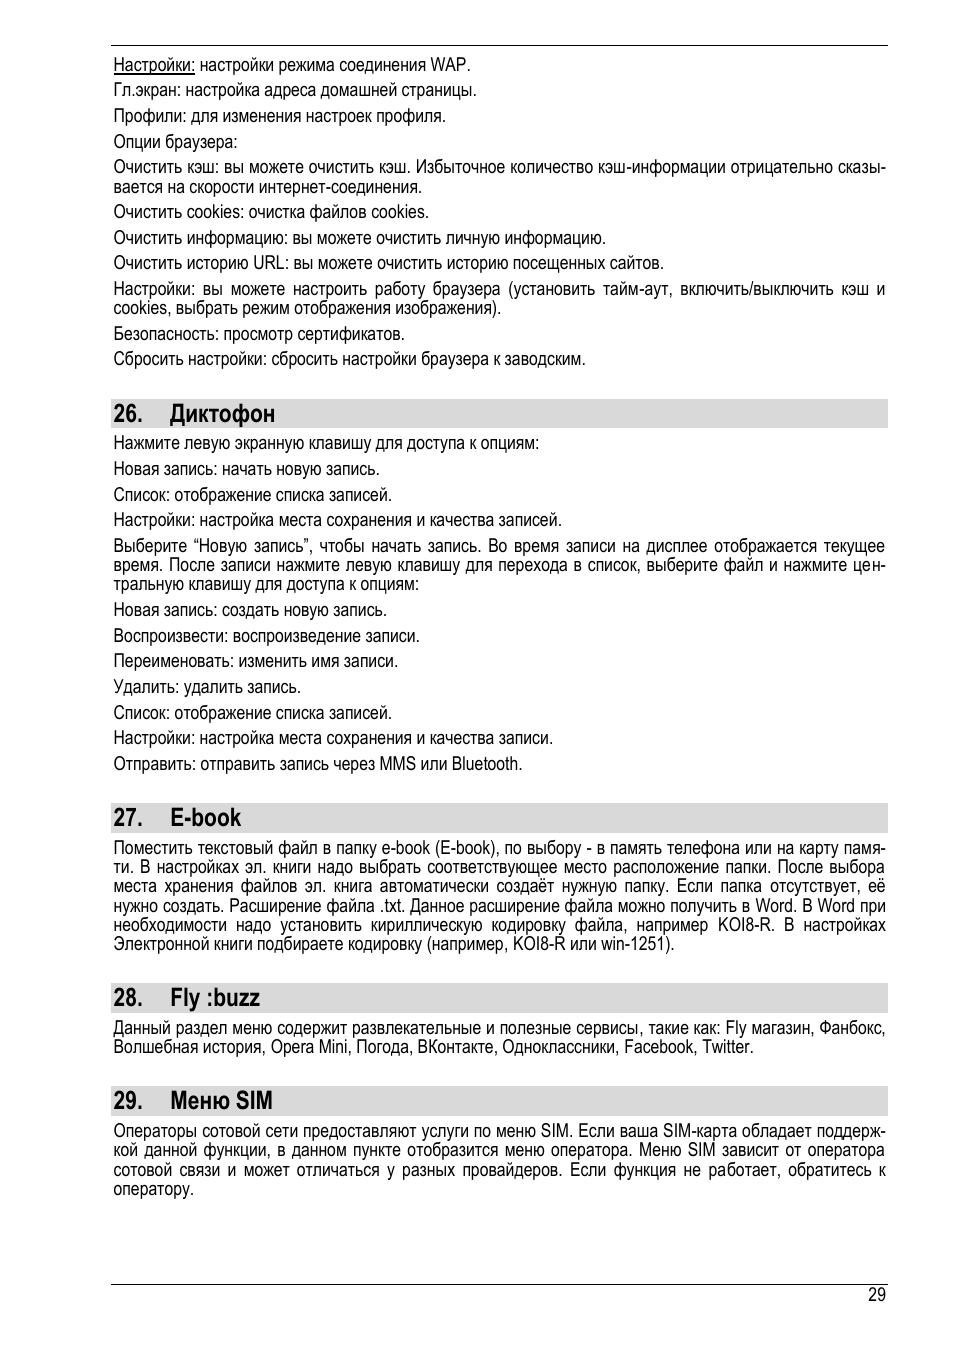 Инструкция по эксплуатации fly e154